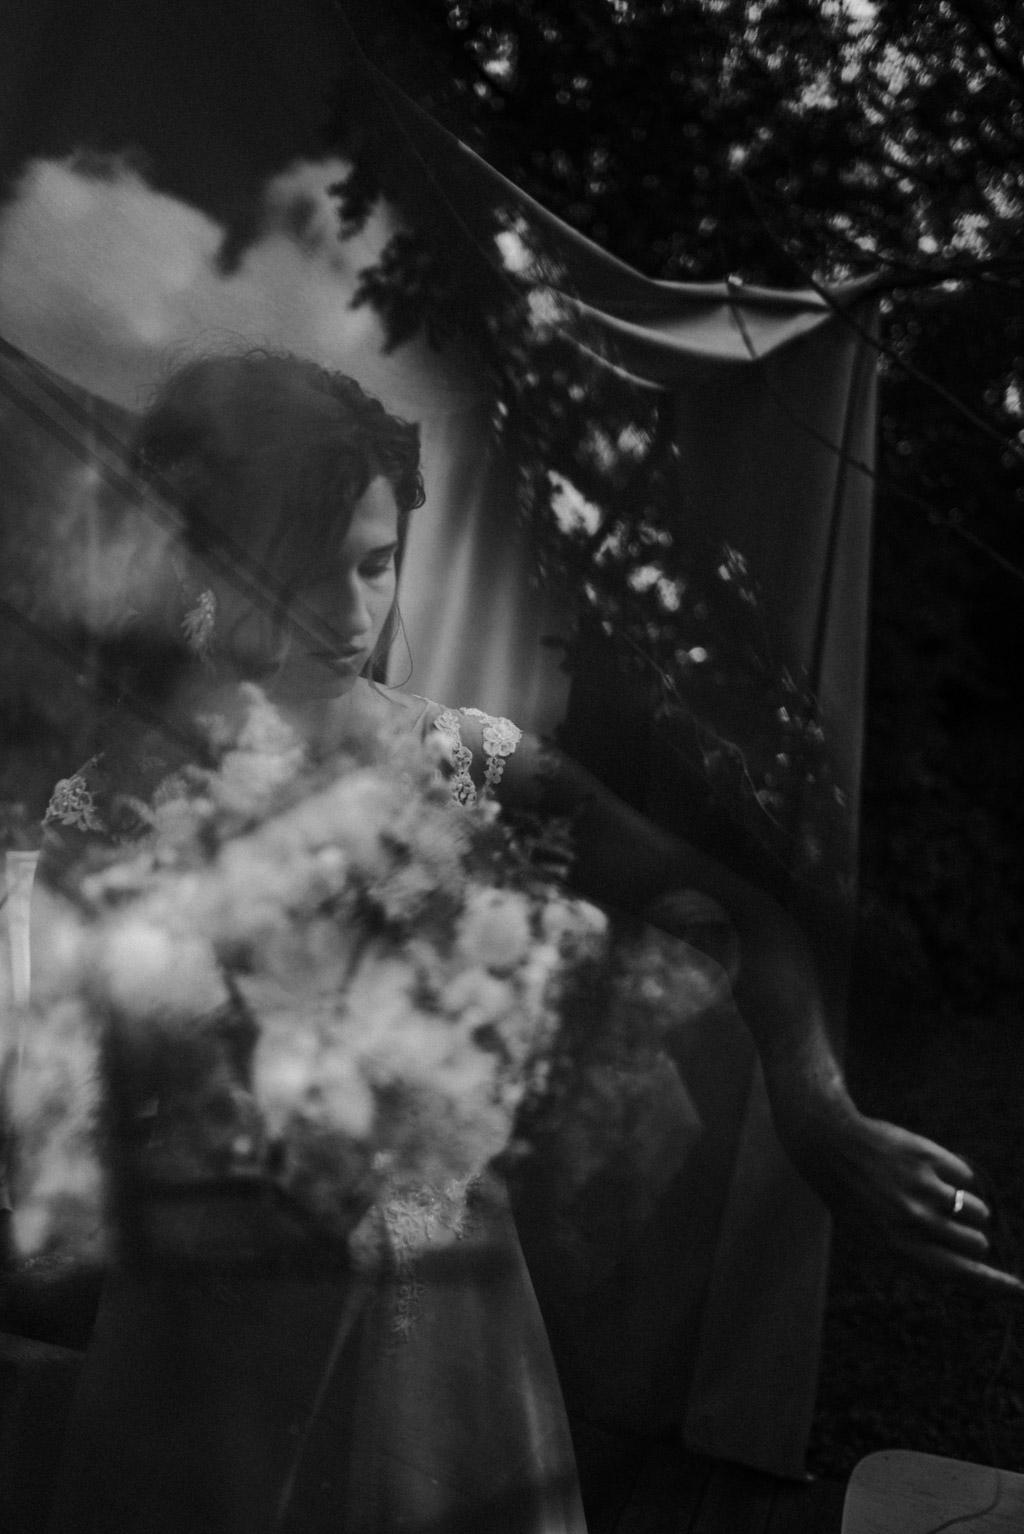 portret Pani młodej na weselu plenerowym kotuliśkiego 6 k6